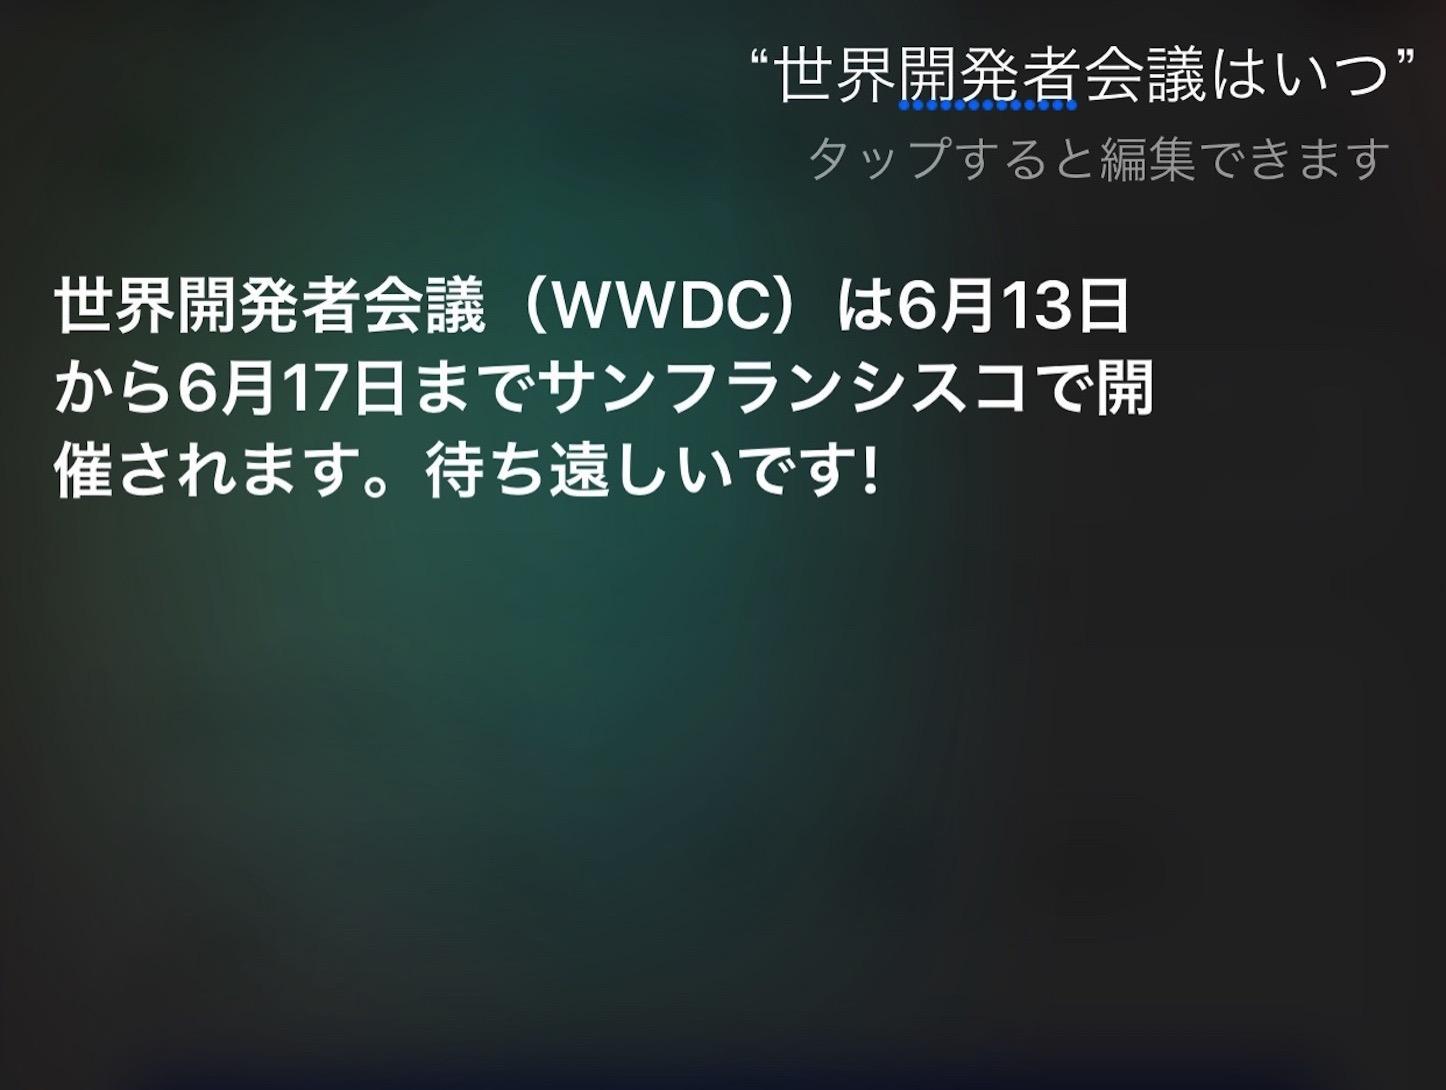 Siri WWDC2016